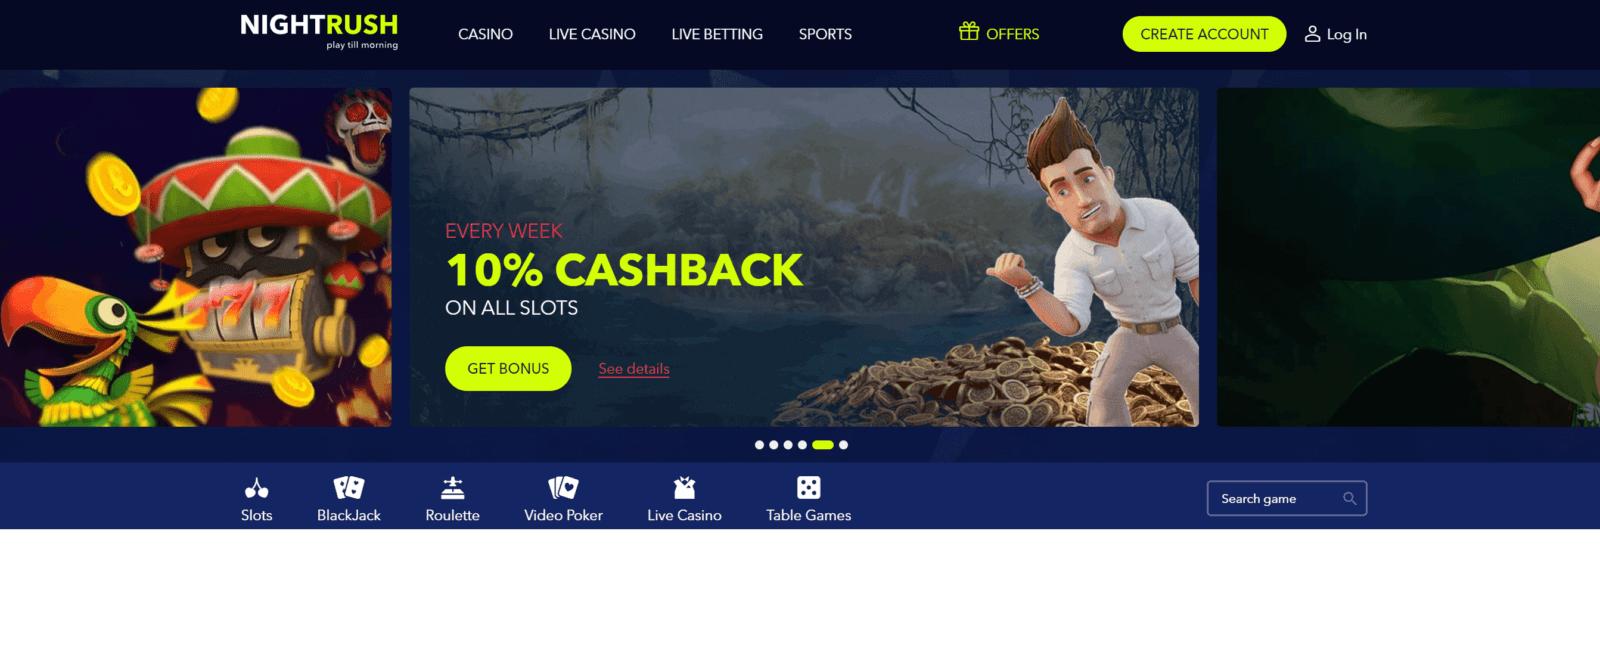 Nightrush - Online Casino